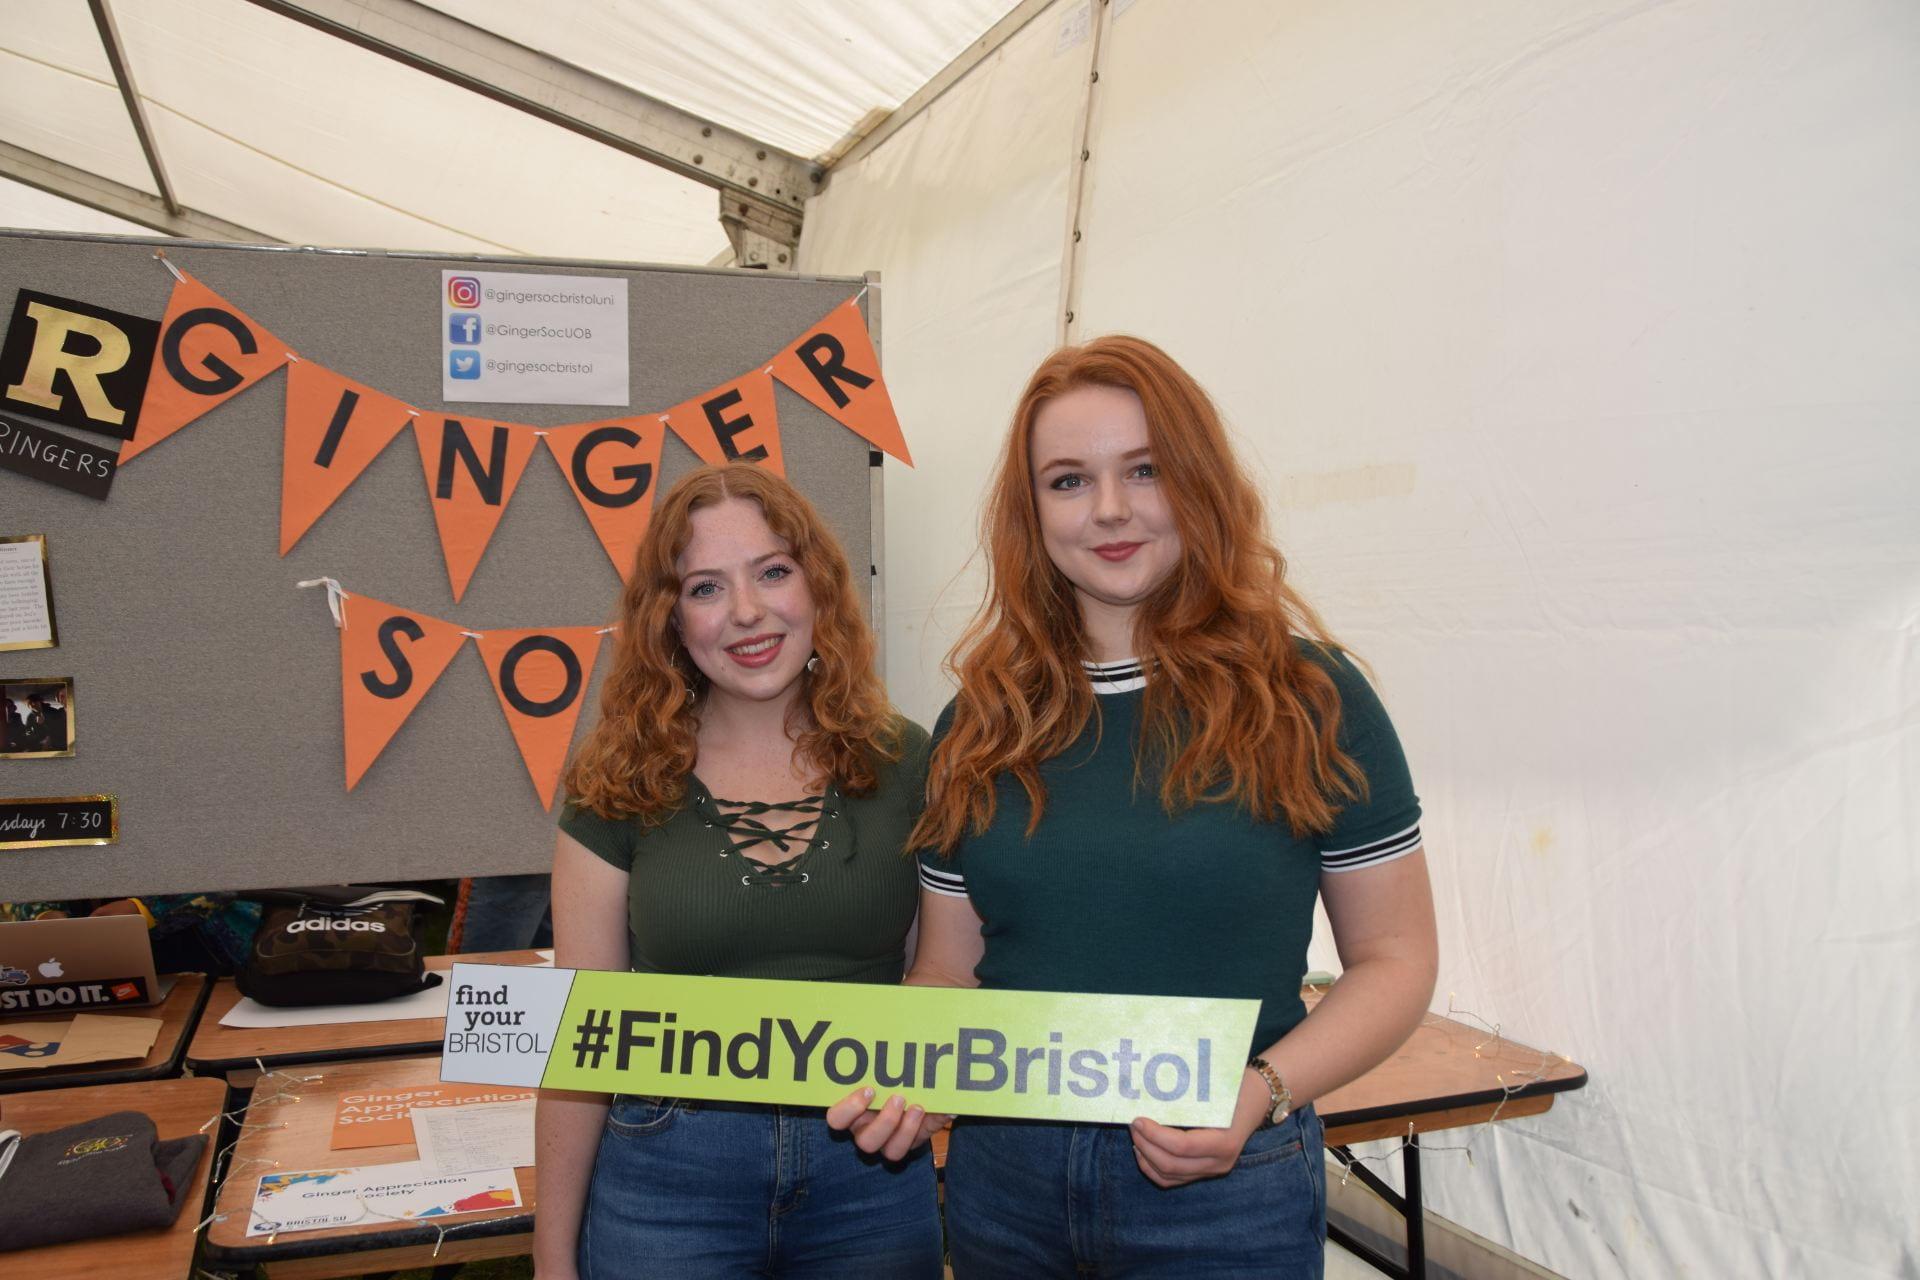 Bristol SU – Your Bristol